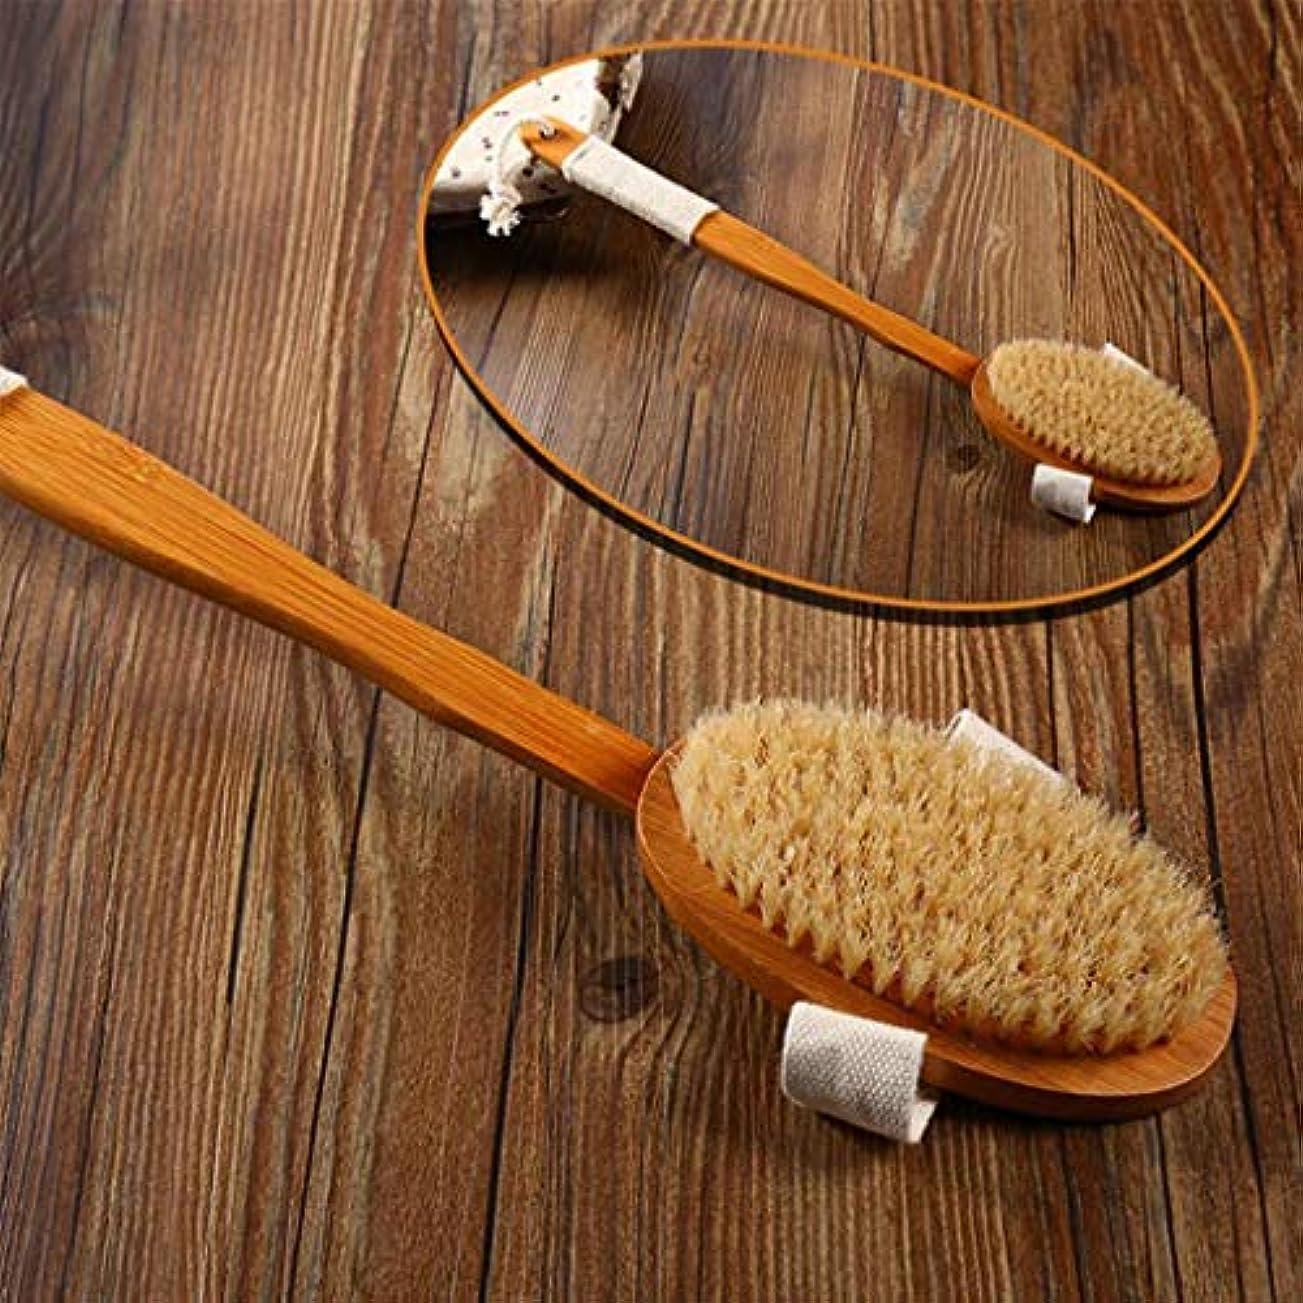 蒸発サポートアフリカ人ボディブラシナチュラル剛毛バスブラシロングハンドル木製剛毛ソフトヘアラブバックシャワーブラシ角質マッサージブラシを取り外します